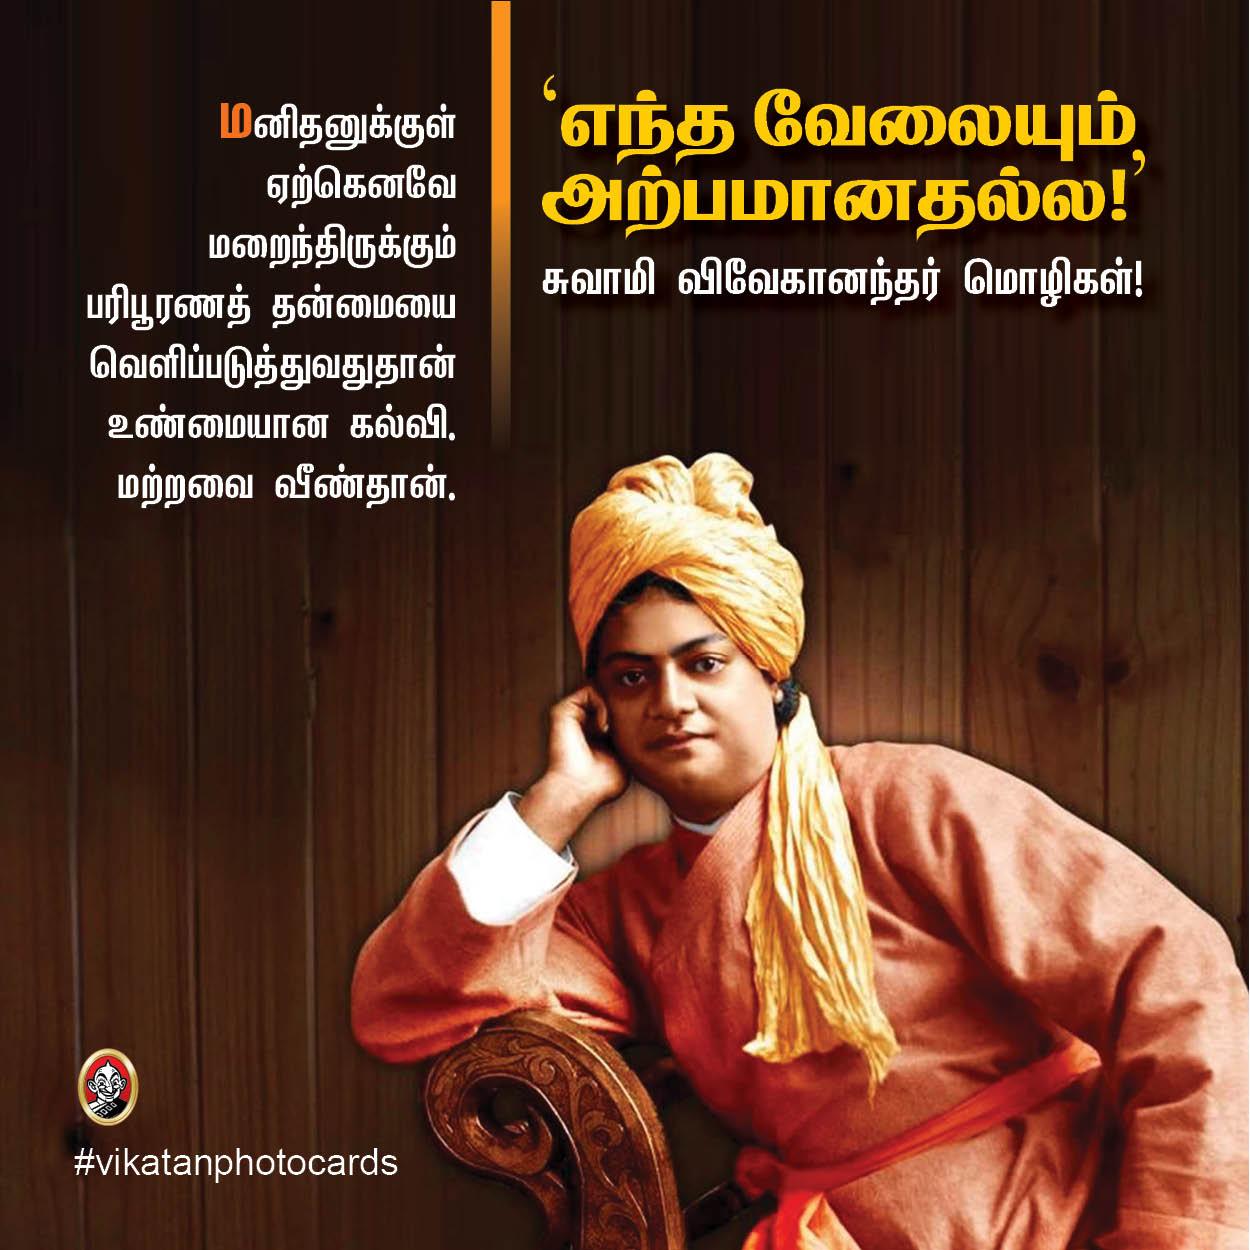 `எந்த வேலையும் அற்பமானதல்ல!' சுவாமி விவேகானந்தர் மொழிகள்! #VikatanPhotoCards